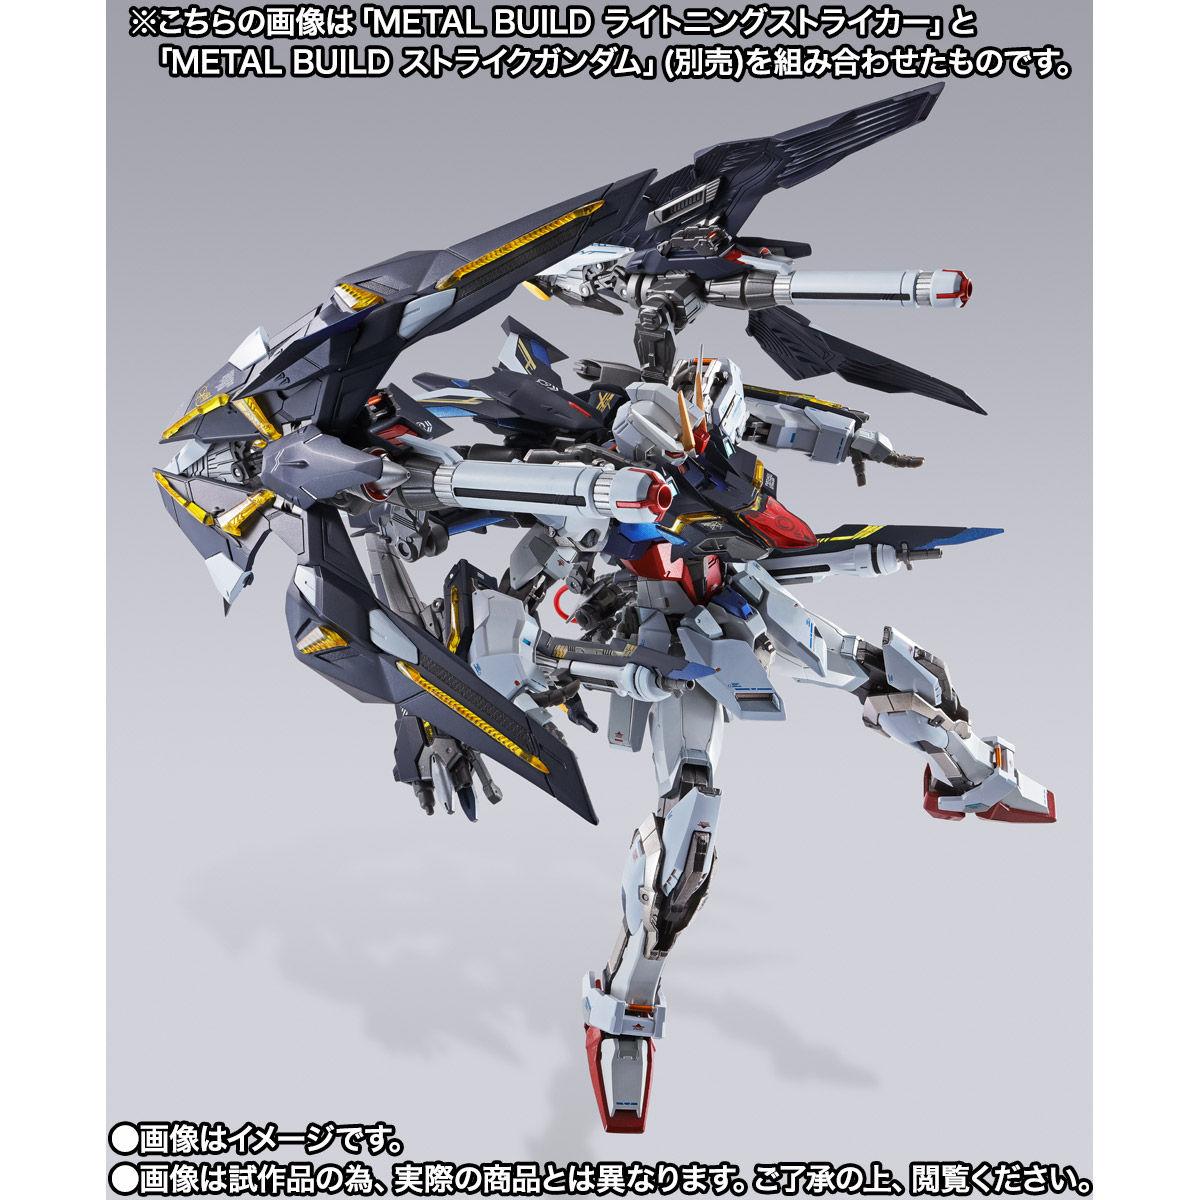 【限定販売】METAL BUILD『ライトニングストライカー』機動戦士ガンダムSEED 可動フィギュア-004